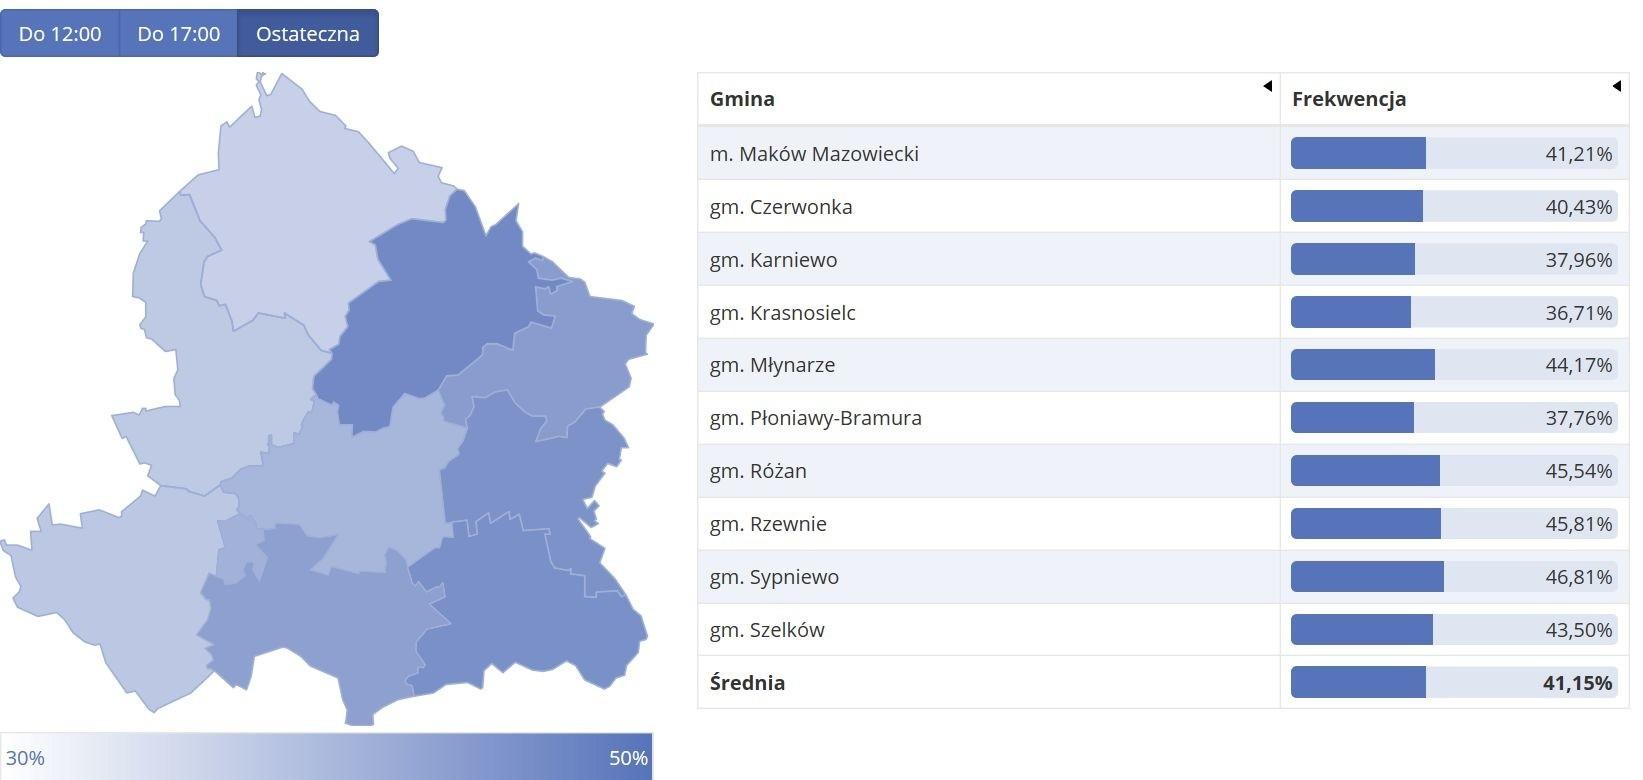 Frekwencja ostateczna - powiat makowski